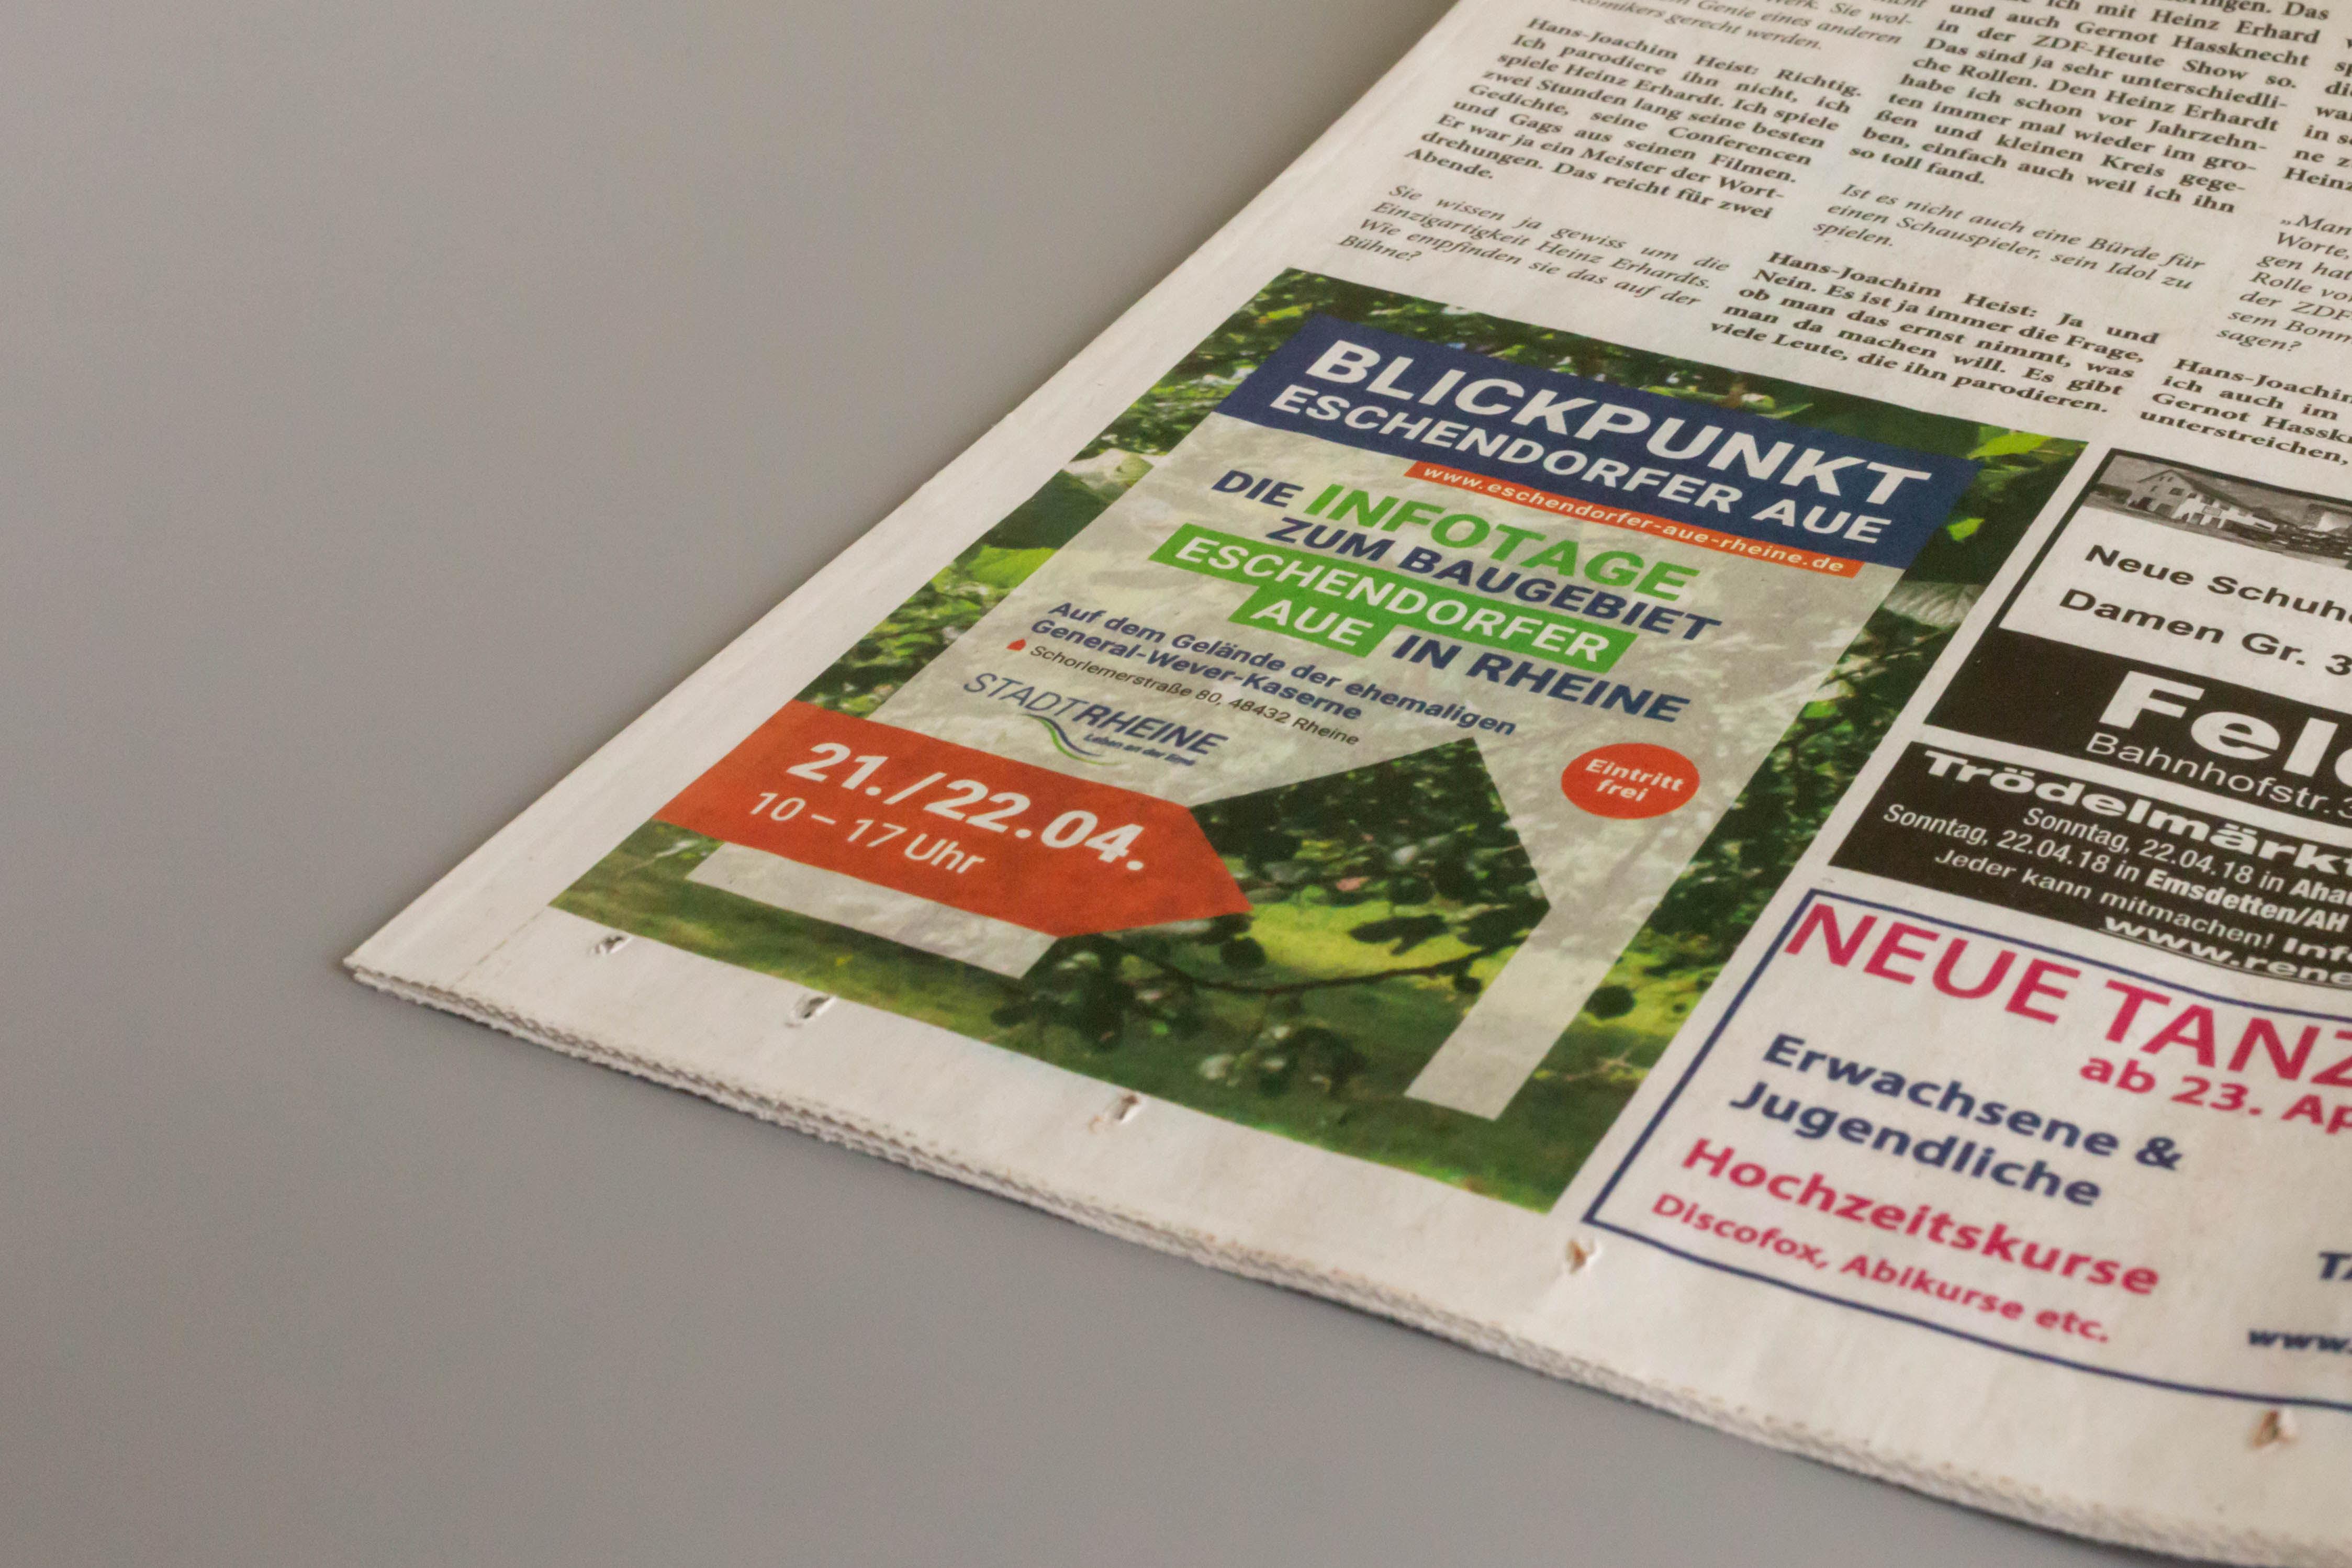 stadt rheine eschendorfer aue anzeige - Grüne Kampagne als Treffer ins Schwarze – Corporate Design, Grafikdesign, Webdesign, Kommunikationsdesign